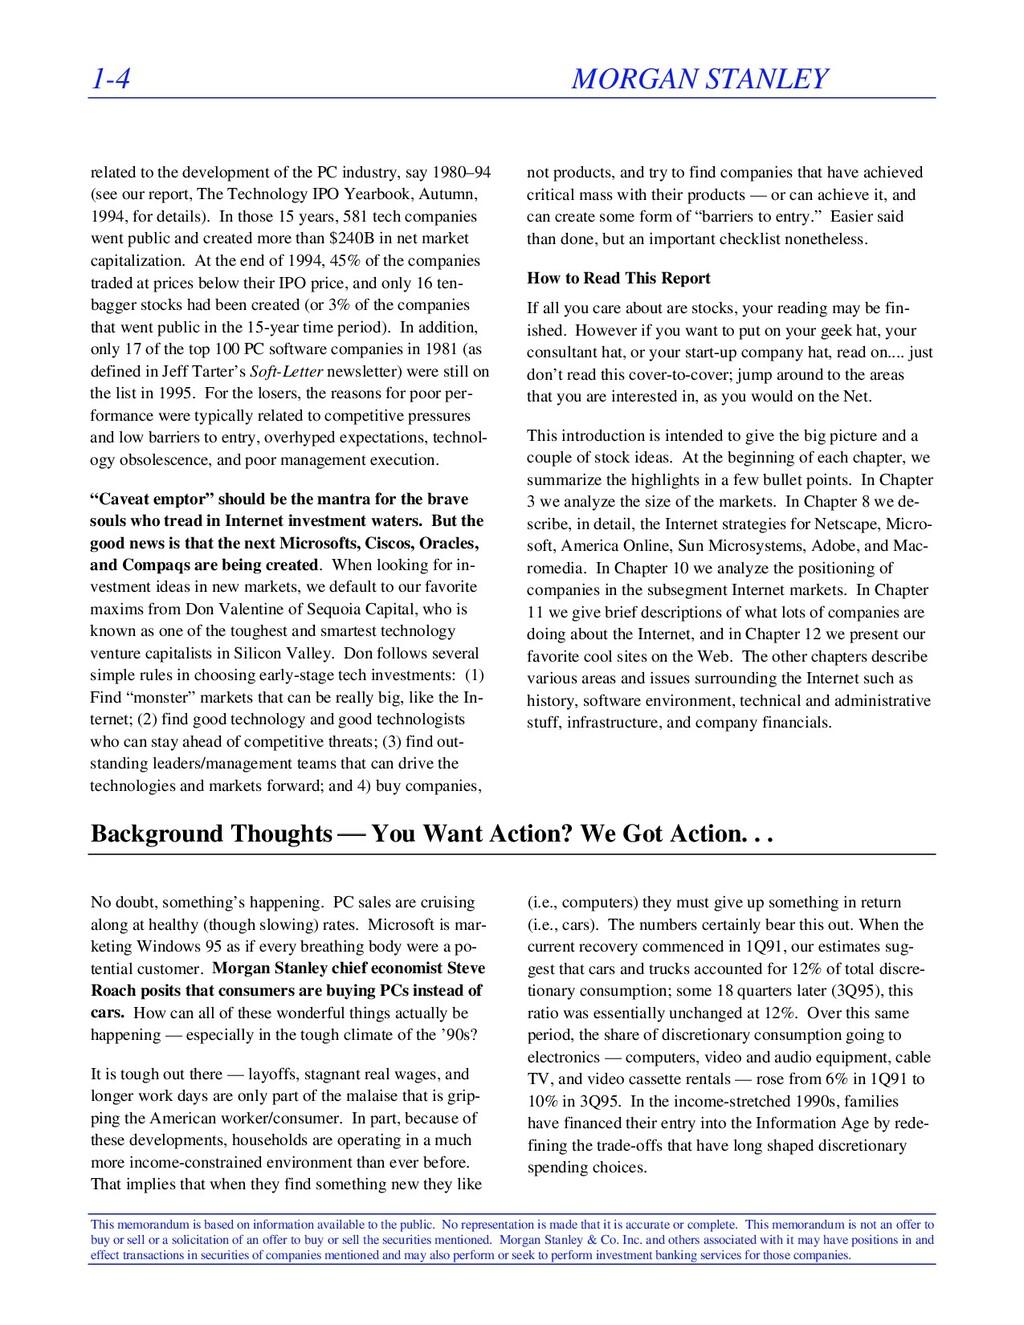 1-4 MORGAN STANLEY This memorandum is based on ...